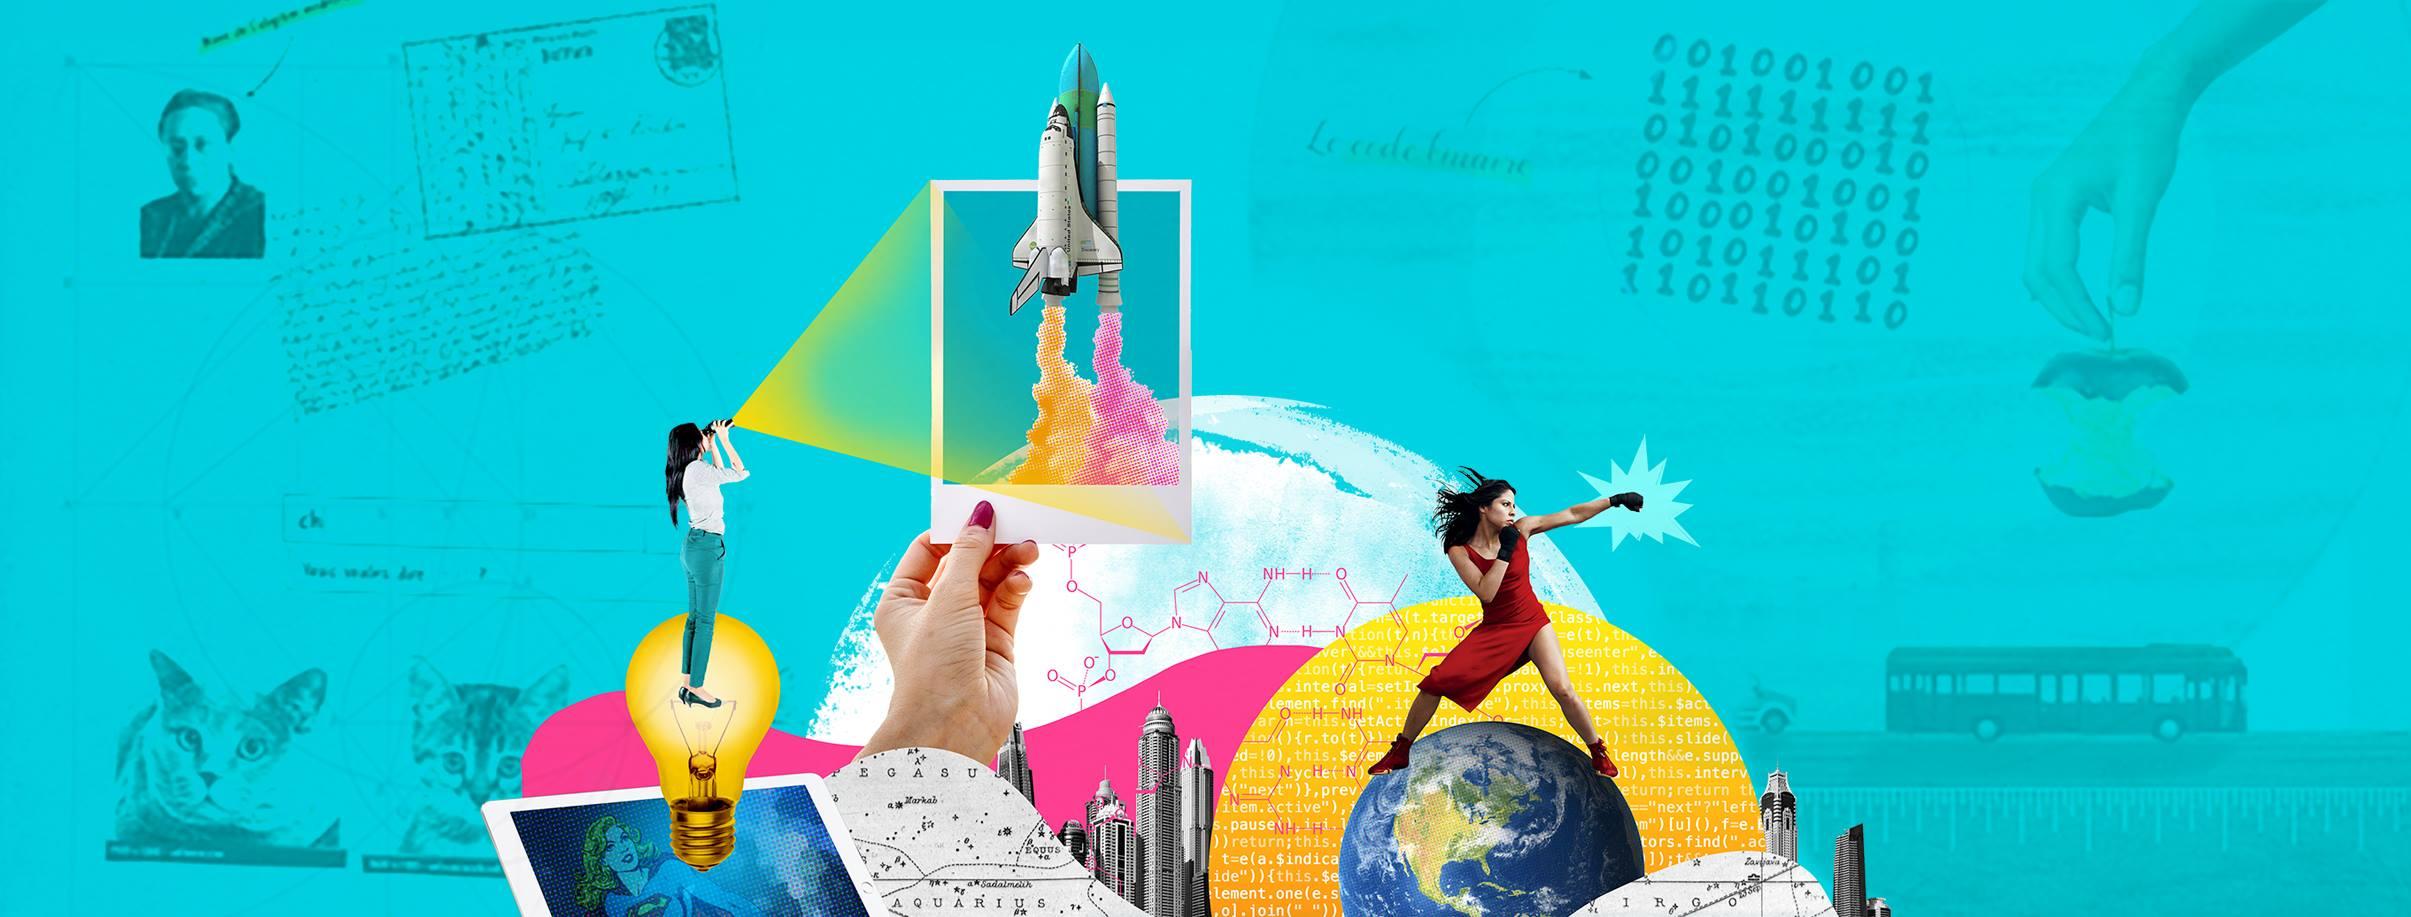 Les Catalys-web série-Jeunes filles-jeunes femmes-passion-monde des sciences-mathématiques-emploi scientifique-rocker les sciences-enfants-Filles-Mamans-Je suis une maman